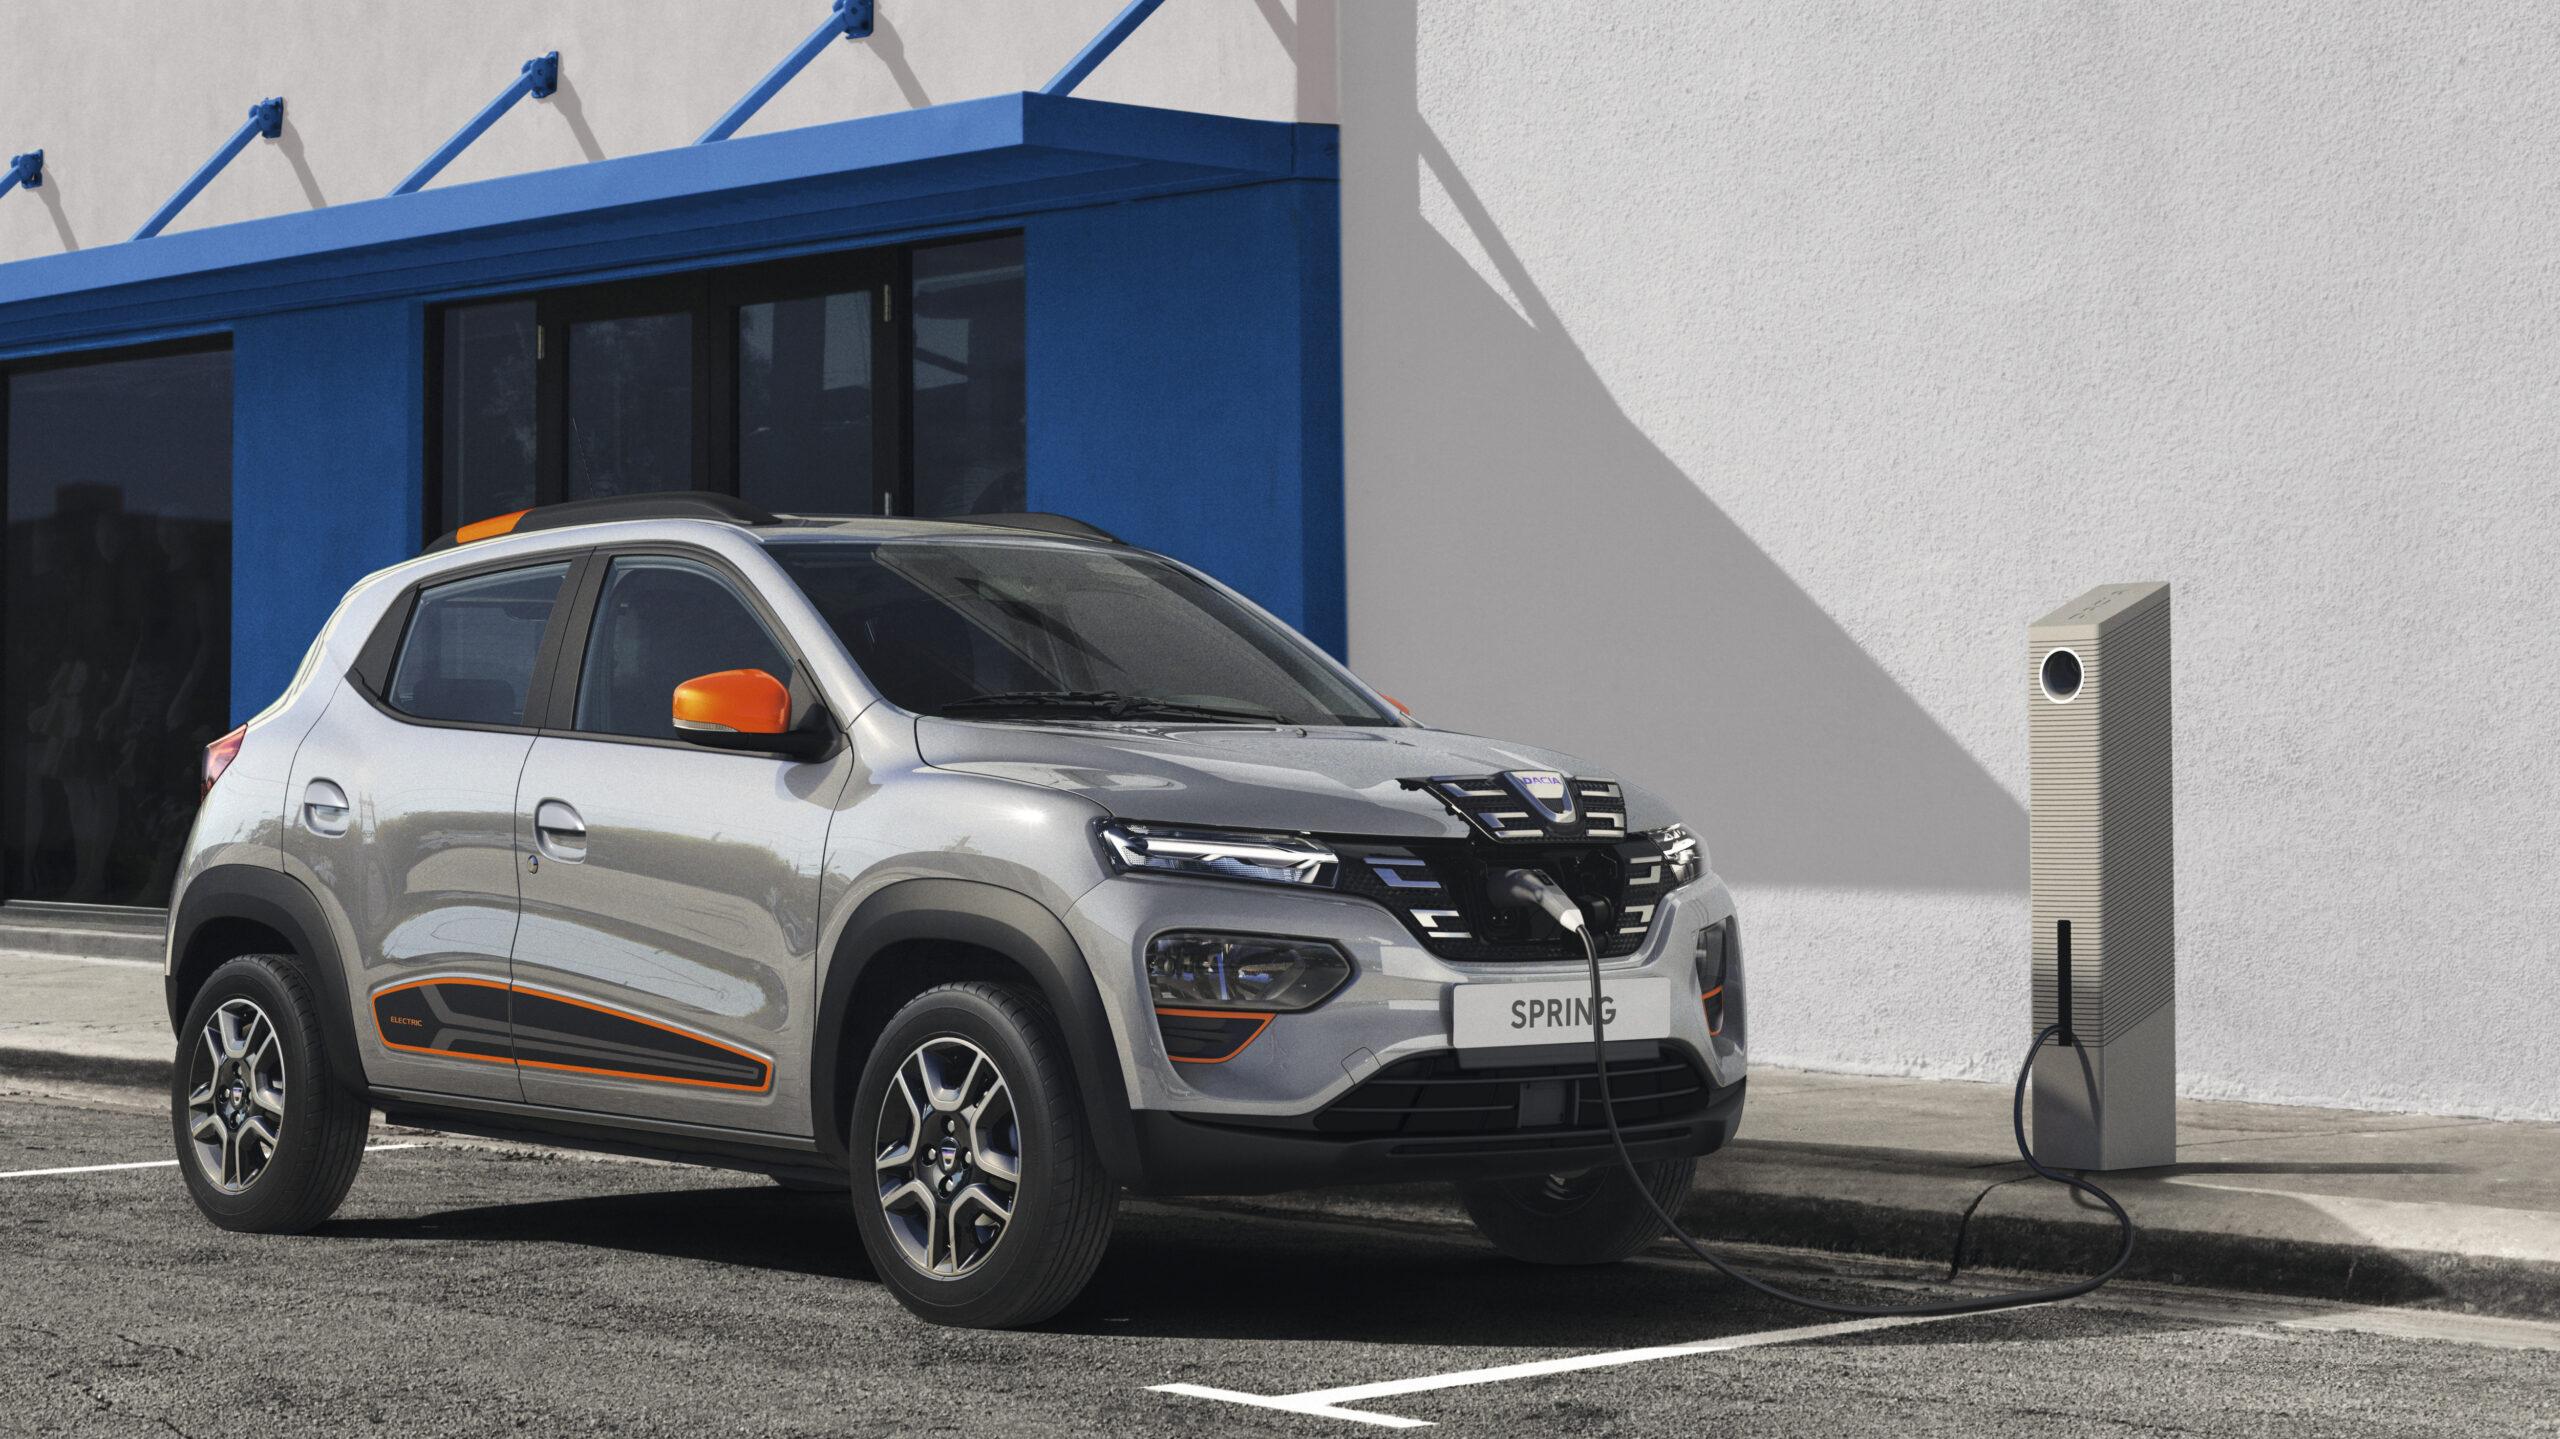 Dacia Spring, arriva l'elettrica low cost a meno di 20mila euro